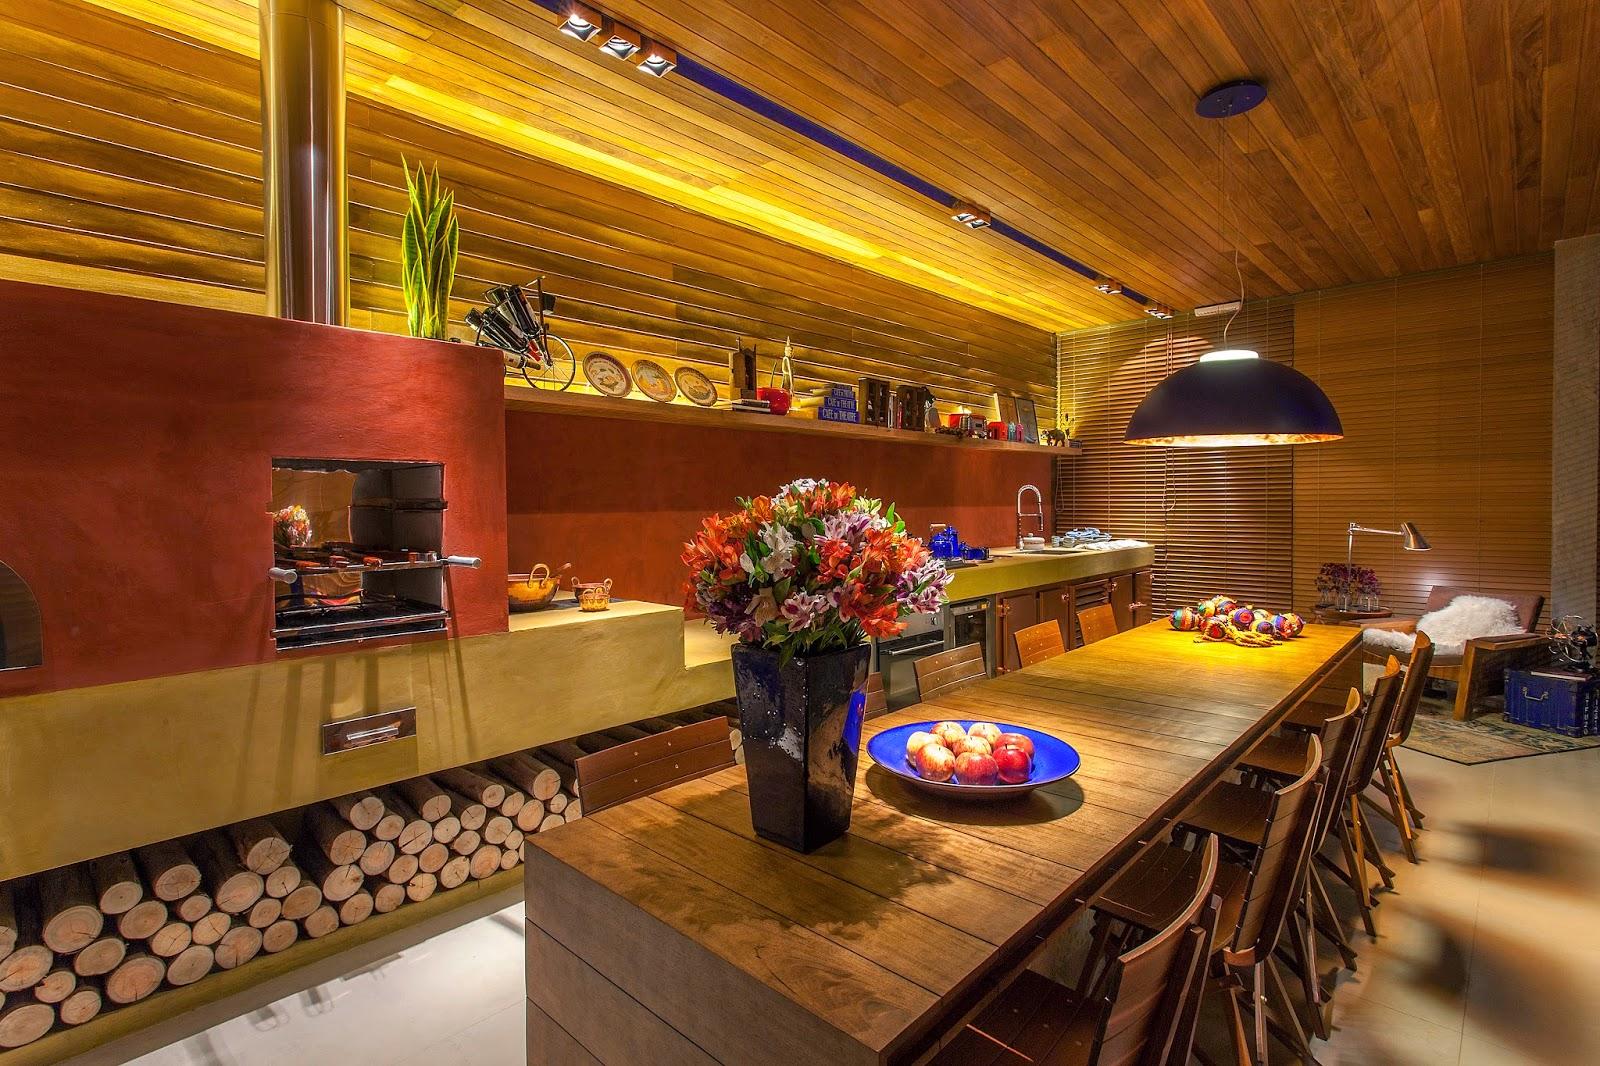 Fogão a lenha veja lindos modelos em cozinhas modernas e caipiras  #C0990B 1600 1066